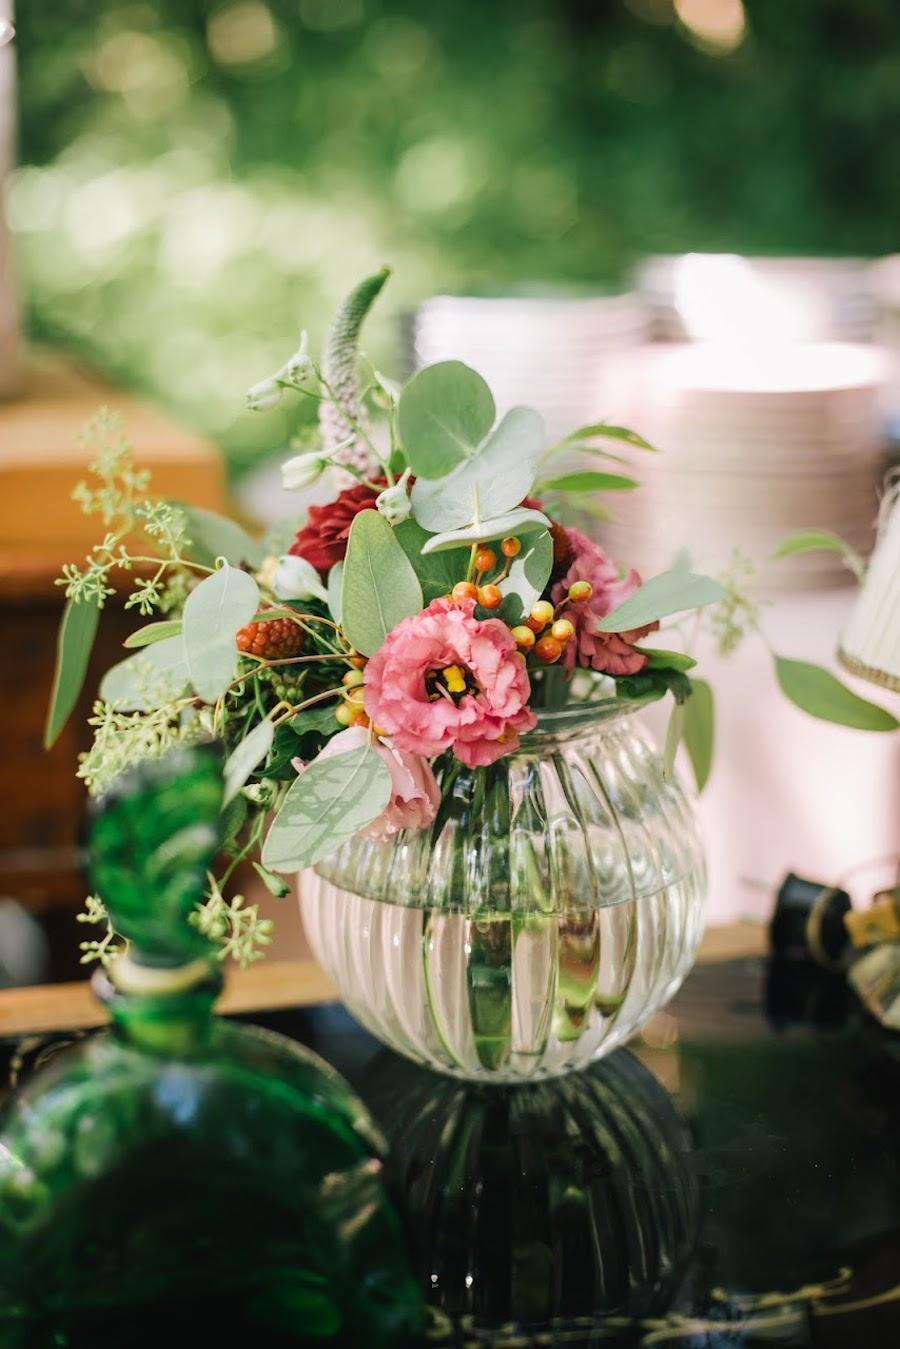 fiori rosa e rossi con foliage